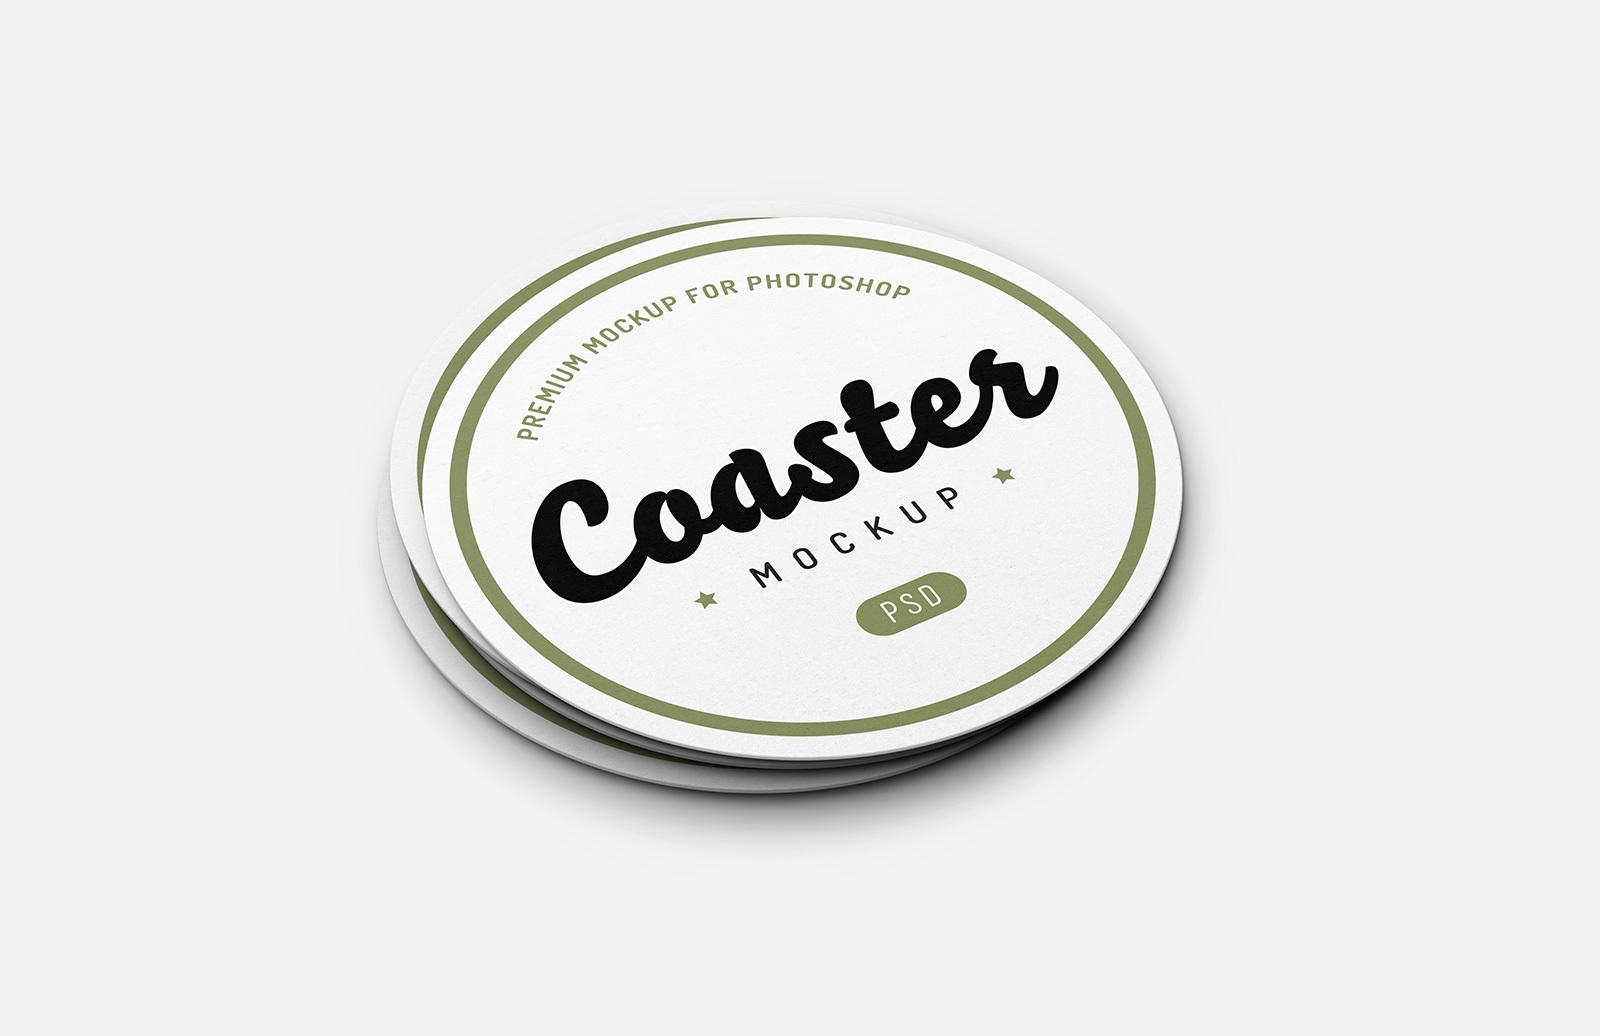 Bar Coaster Mockup